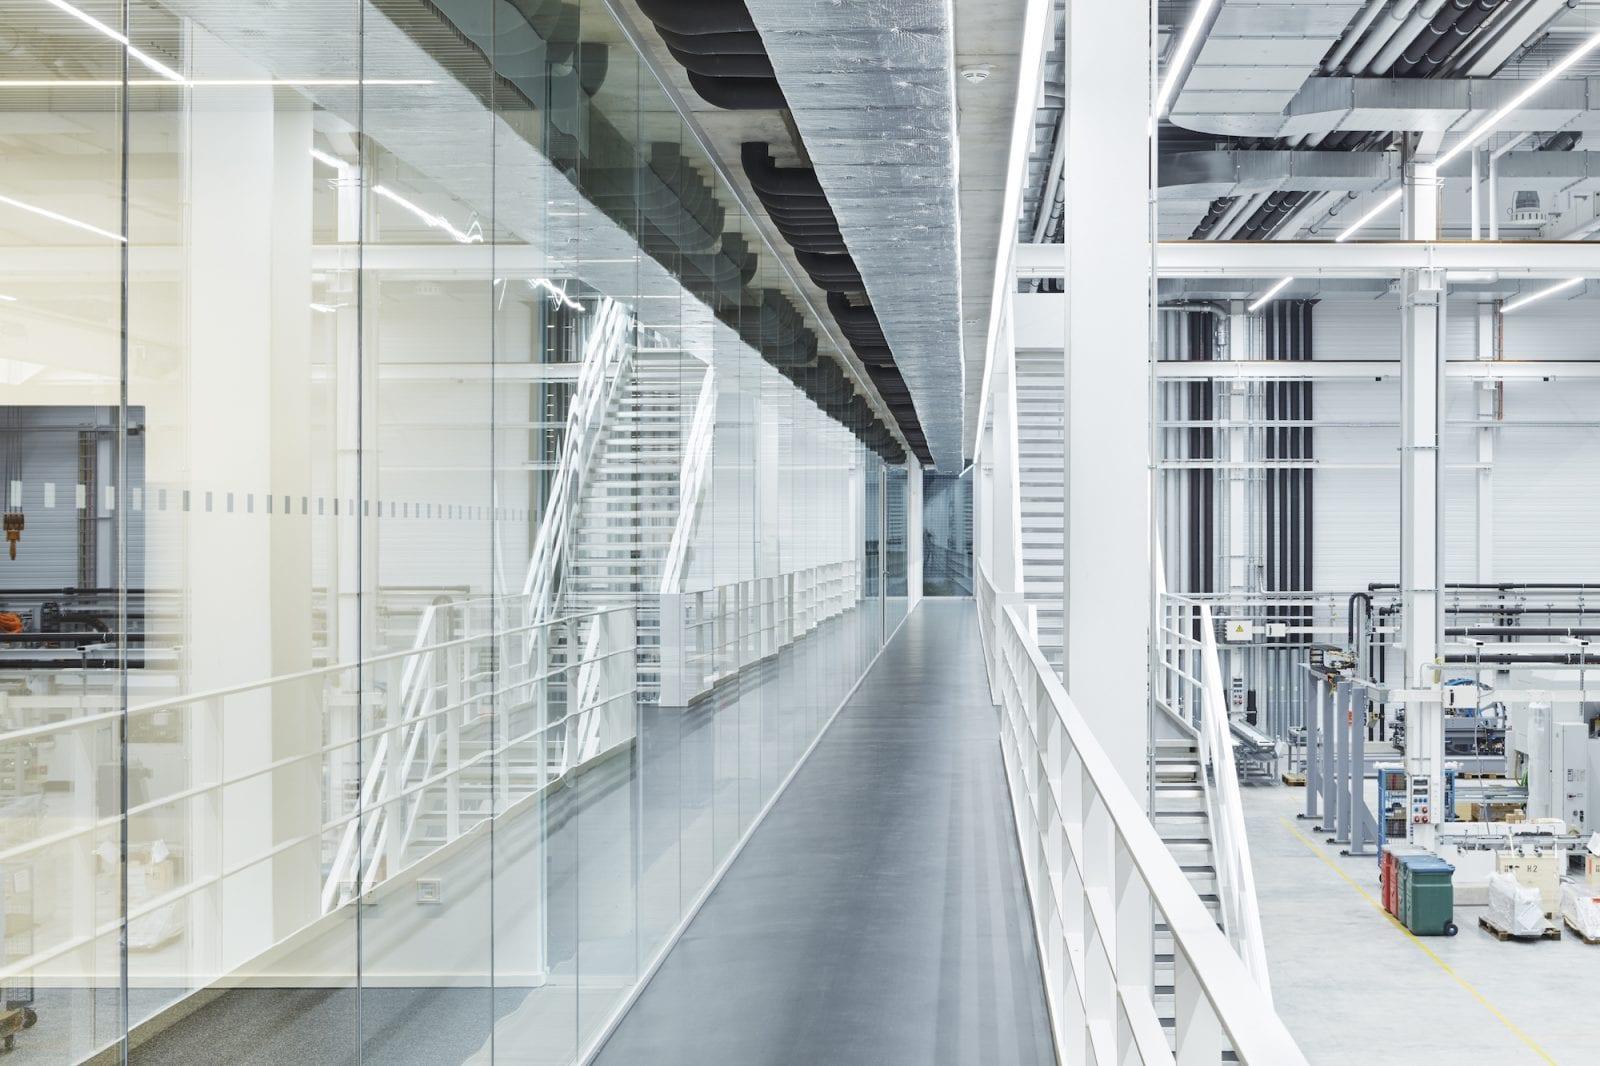 Erschliessung zwischen Bürotrakt und Montagehhalle (Foto: Dietmar Strauss)